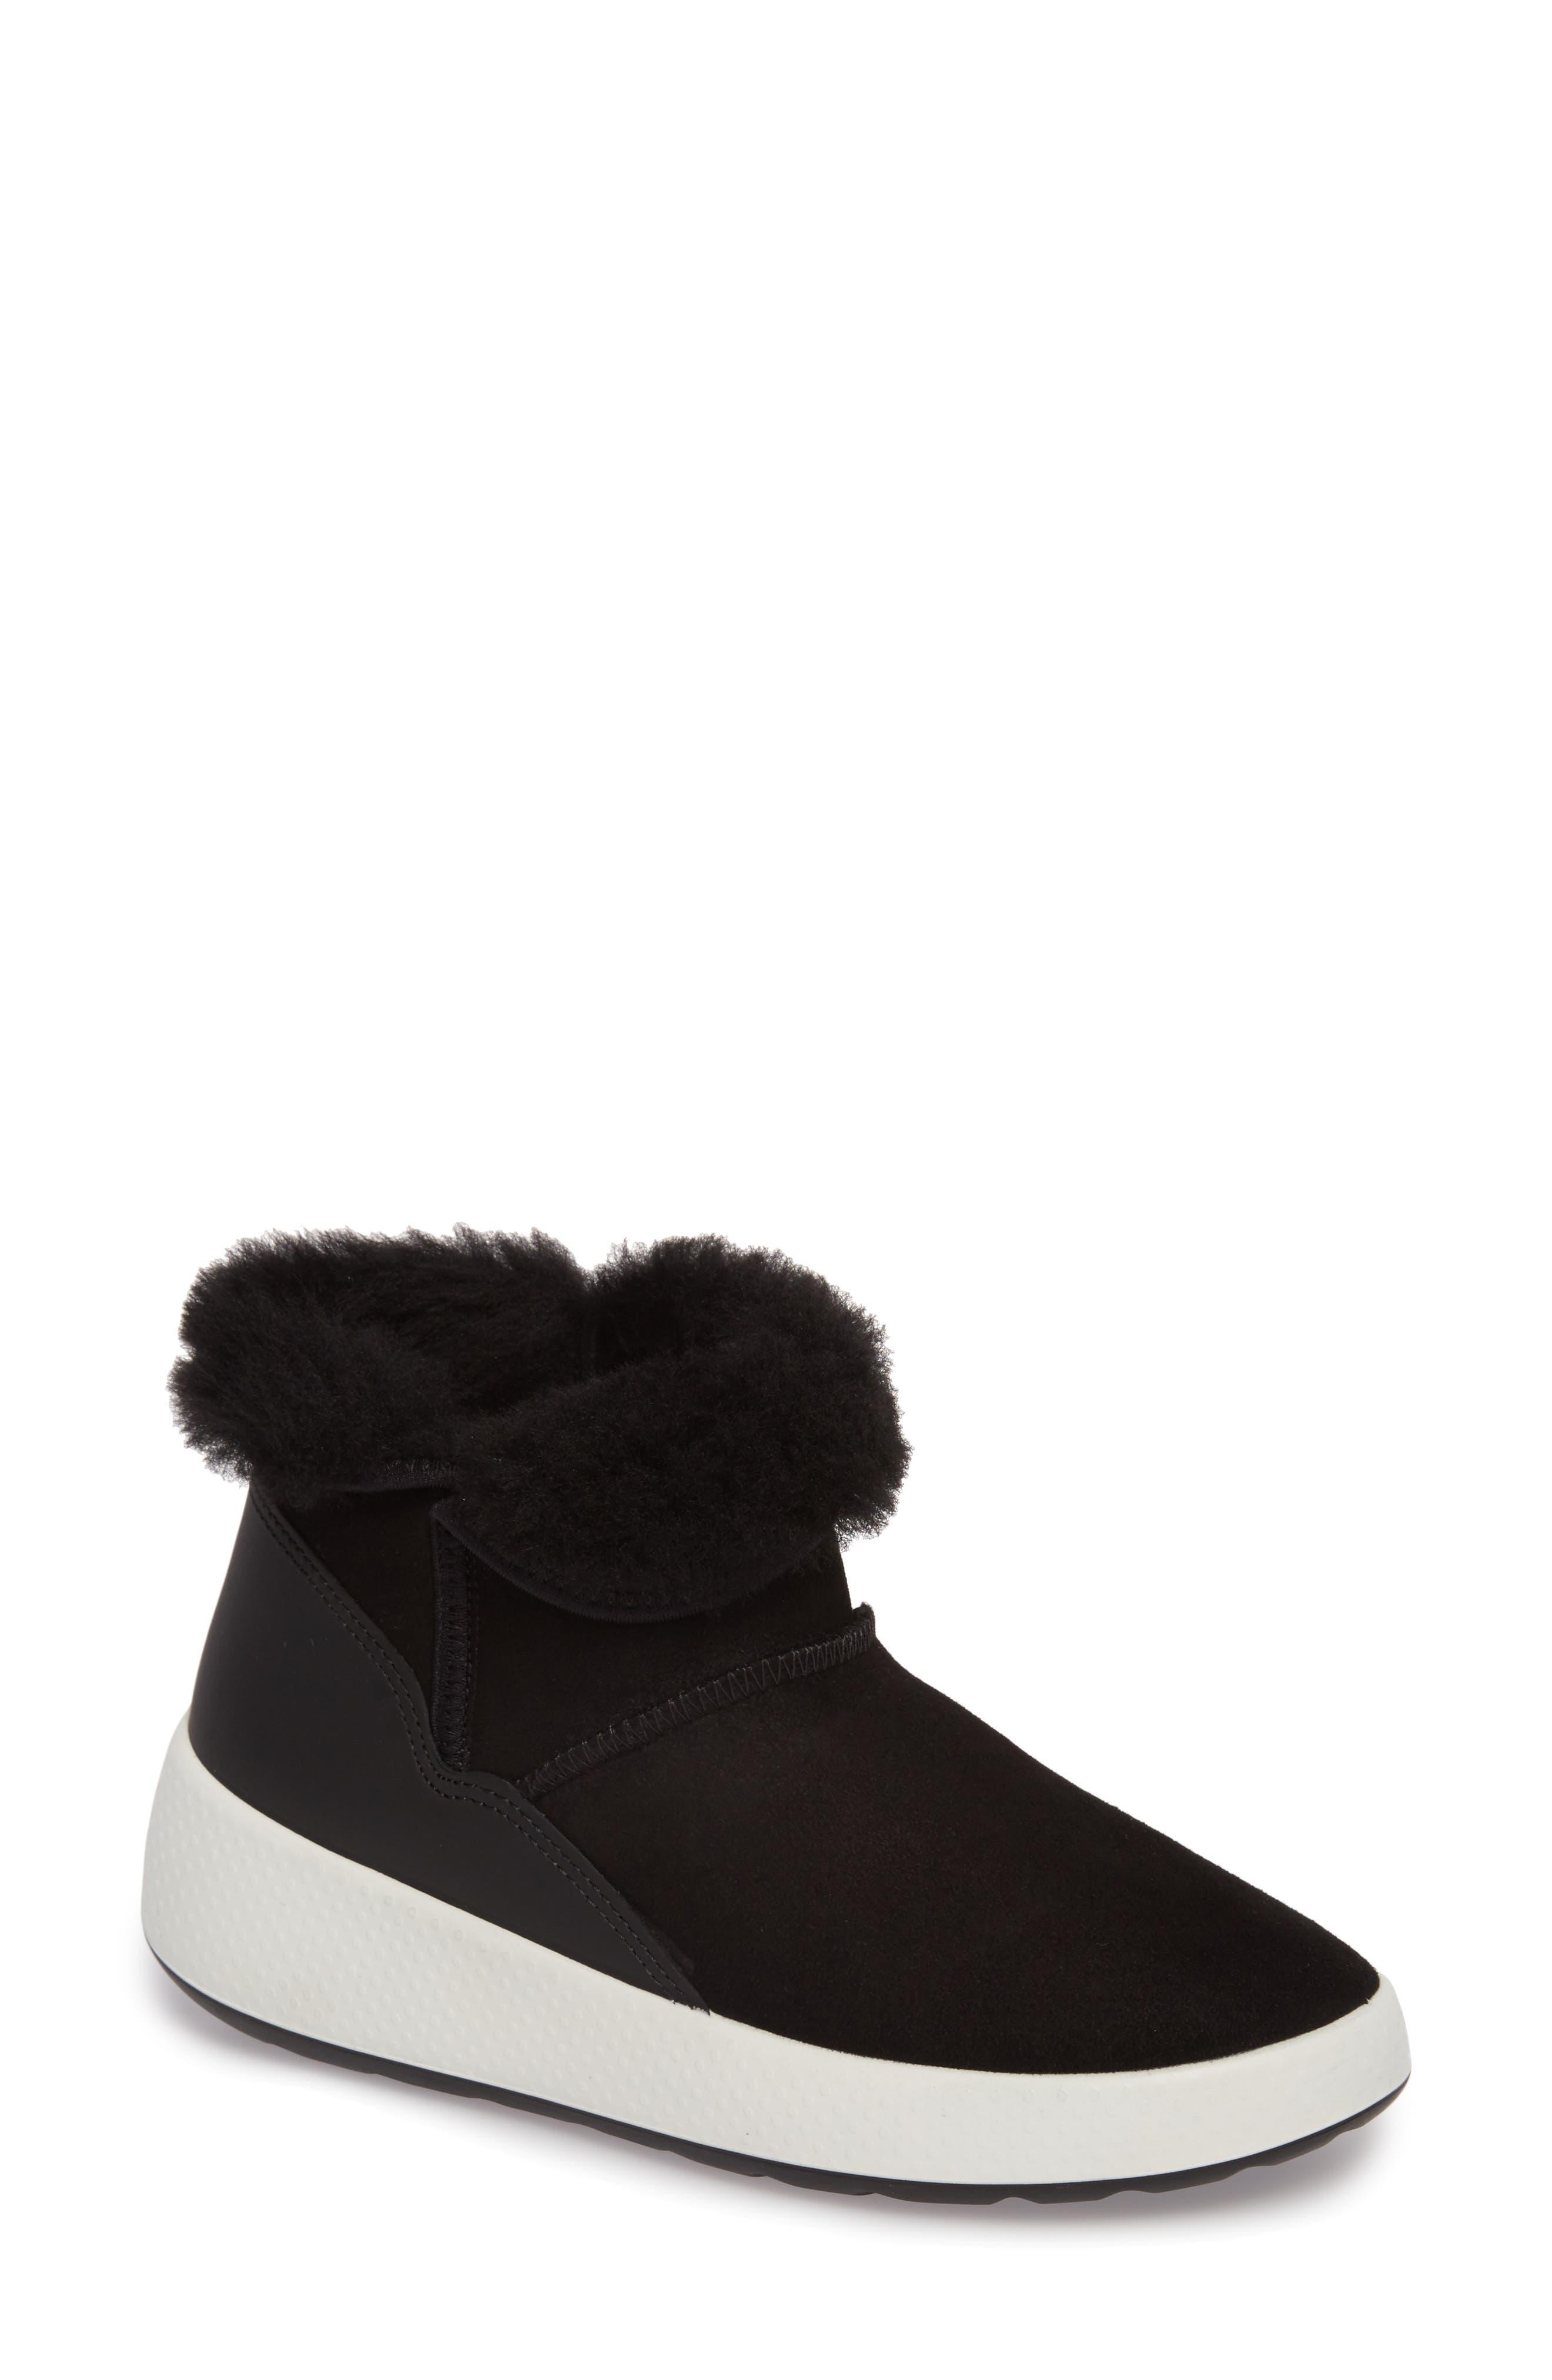 Ecco Ukiuk Genuine Shearling Boot (Women)